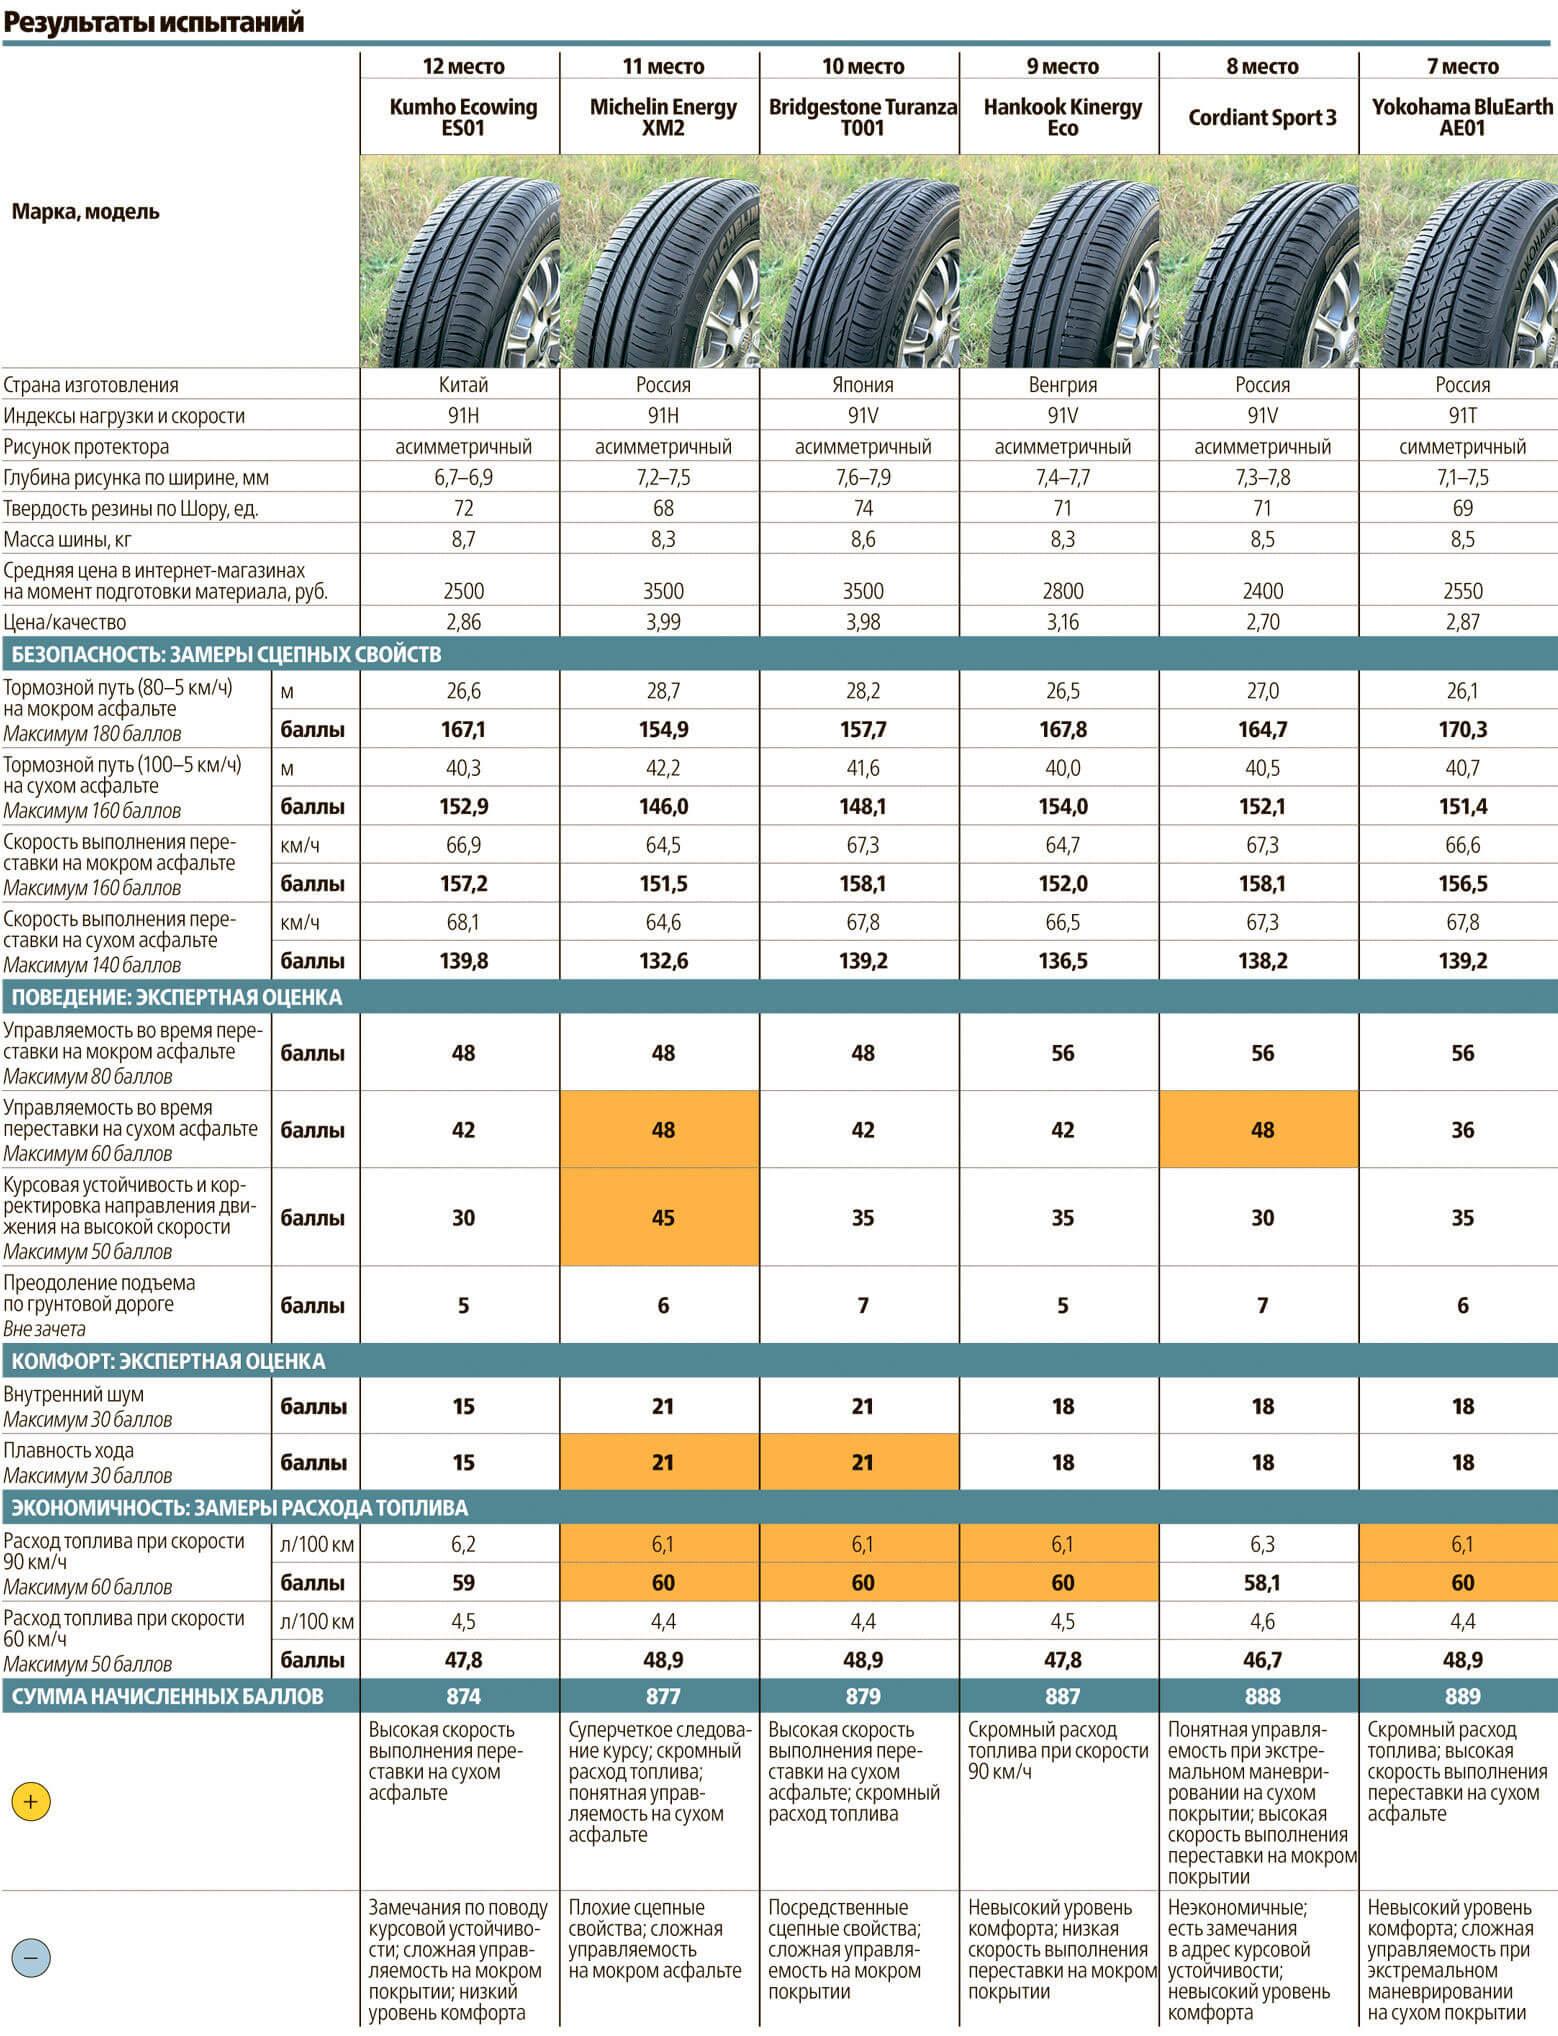 Сравнительная таблица За рулём